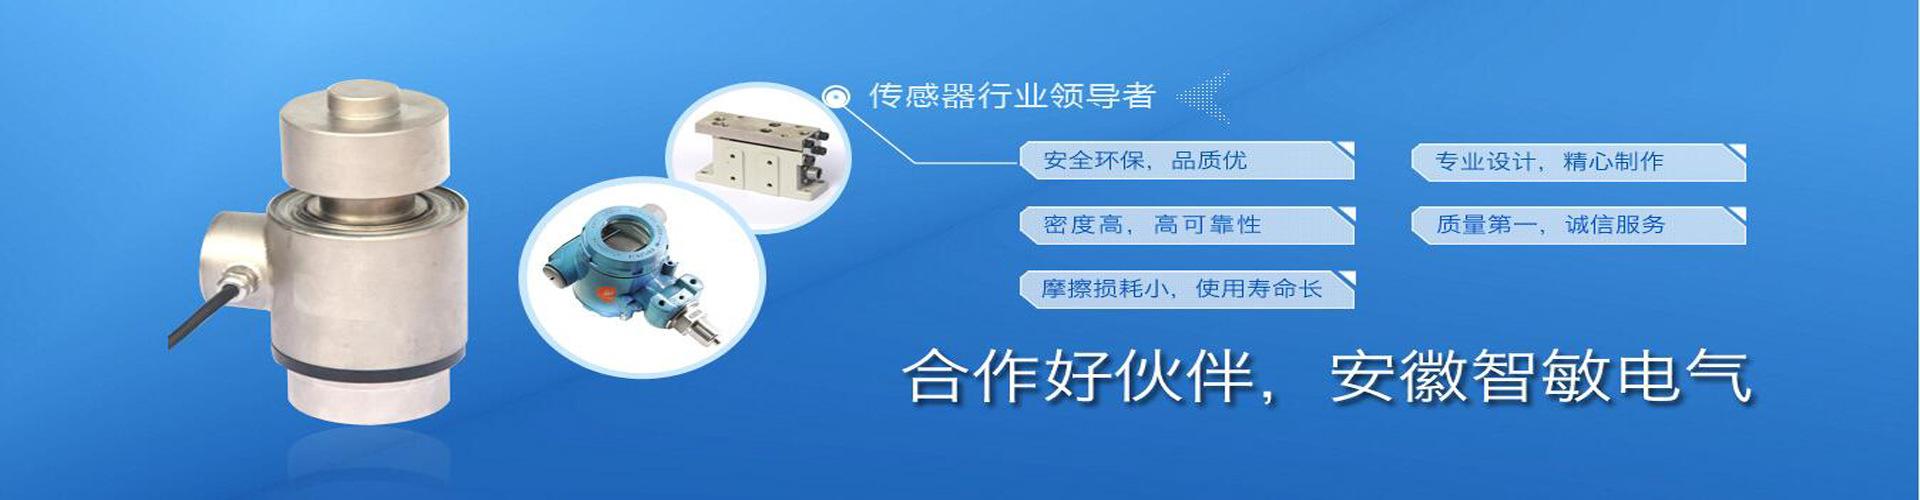 安徽智敏电气技术有限公司